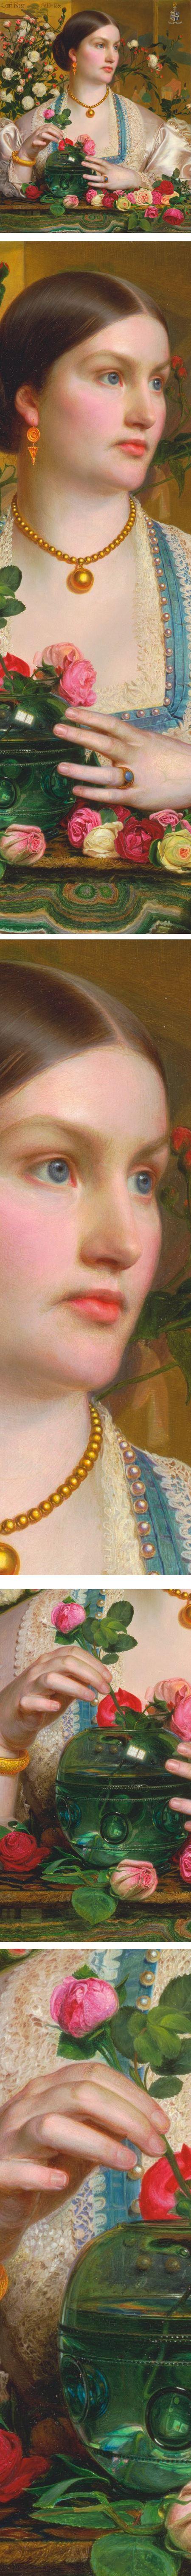 Grace Rose, portrait by Pre-Raphaelite painter Frederick Sandys